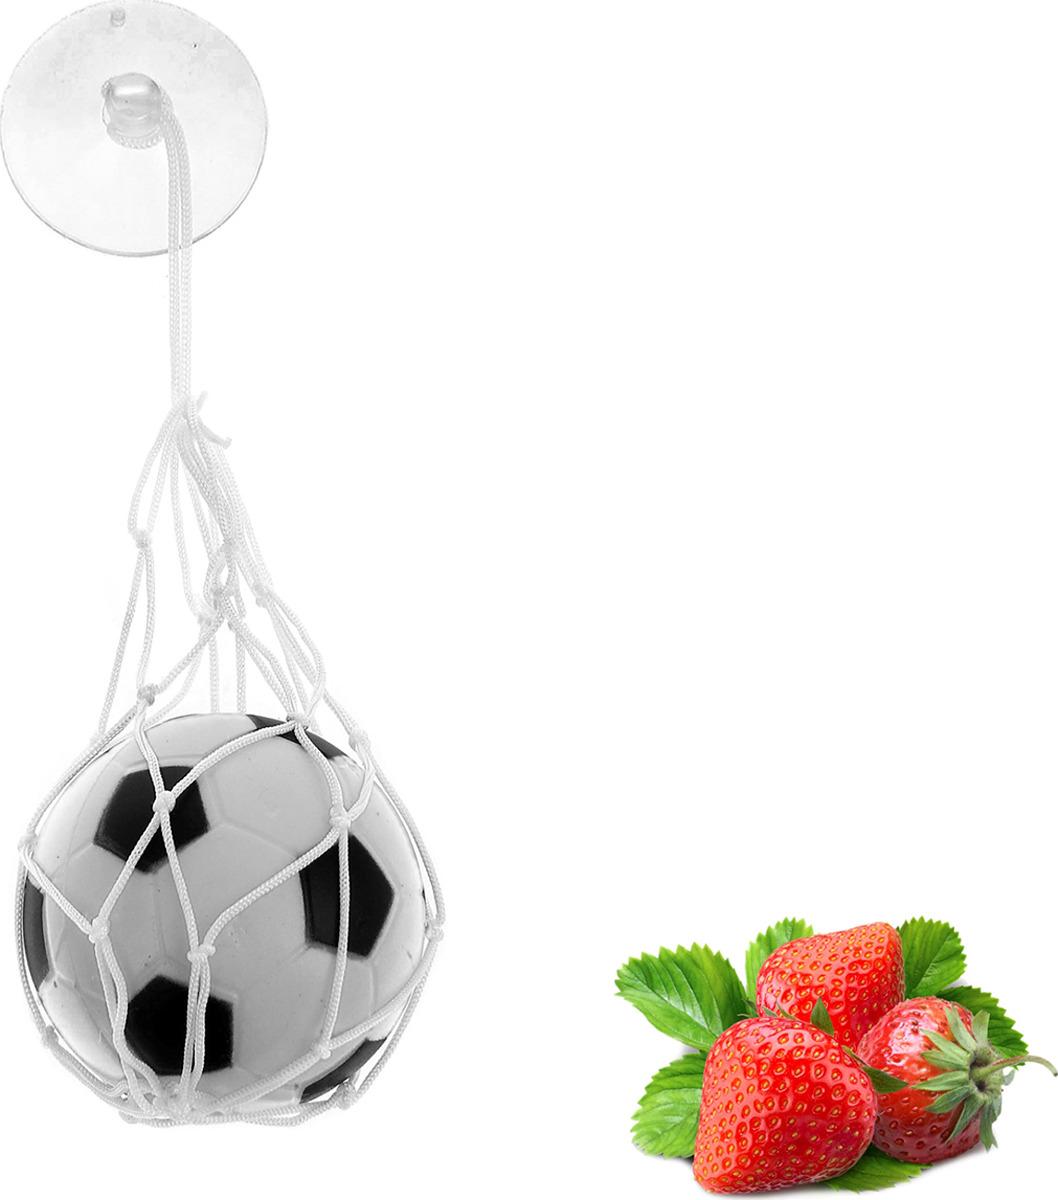 Ароматизатор автомобильный Luazon Футбольный мяч, клубника, под сиденье, 805476, белый гирлянда luazon метраж футбольный мяч 5m ed 20 220v white 2433913